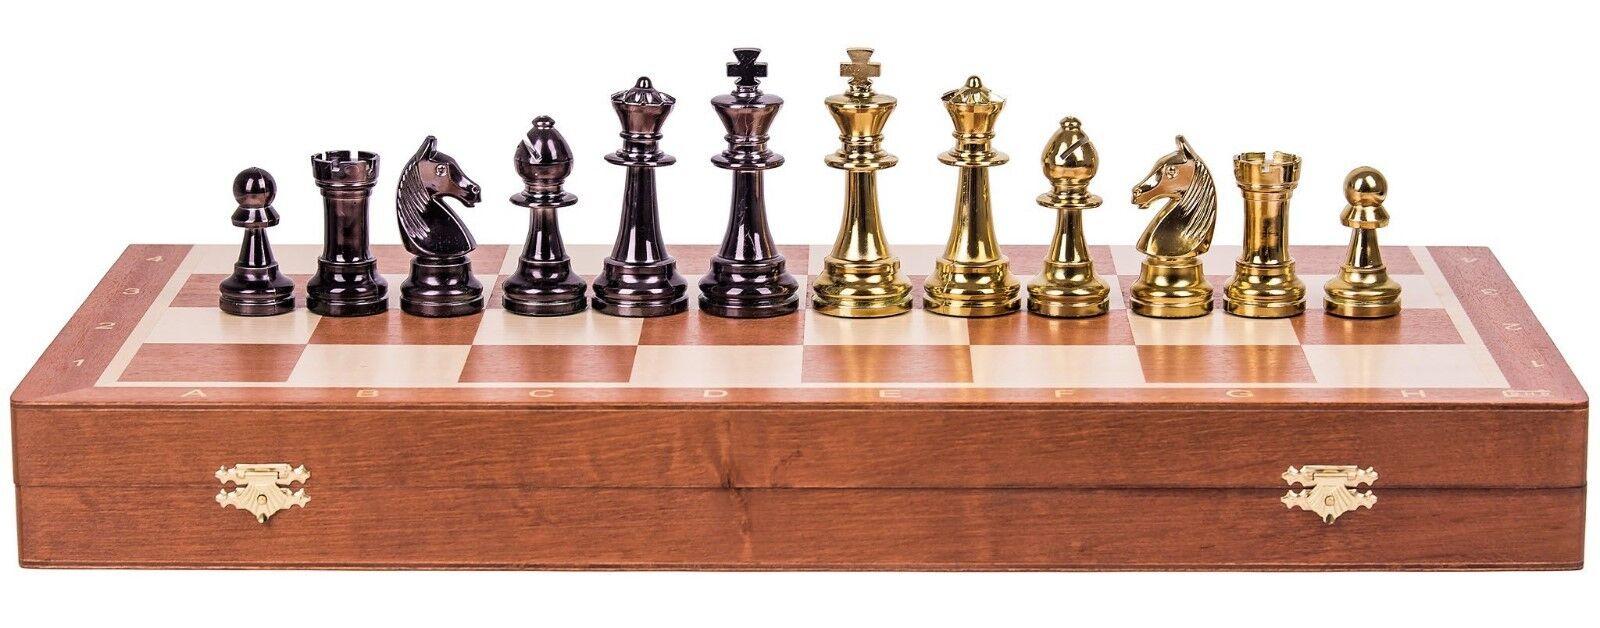 SQUARE - Schach Schachspiel STAUNTON NR. 6 6 6 - Gold Edition - Schachbrett aus Holz 760a44